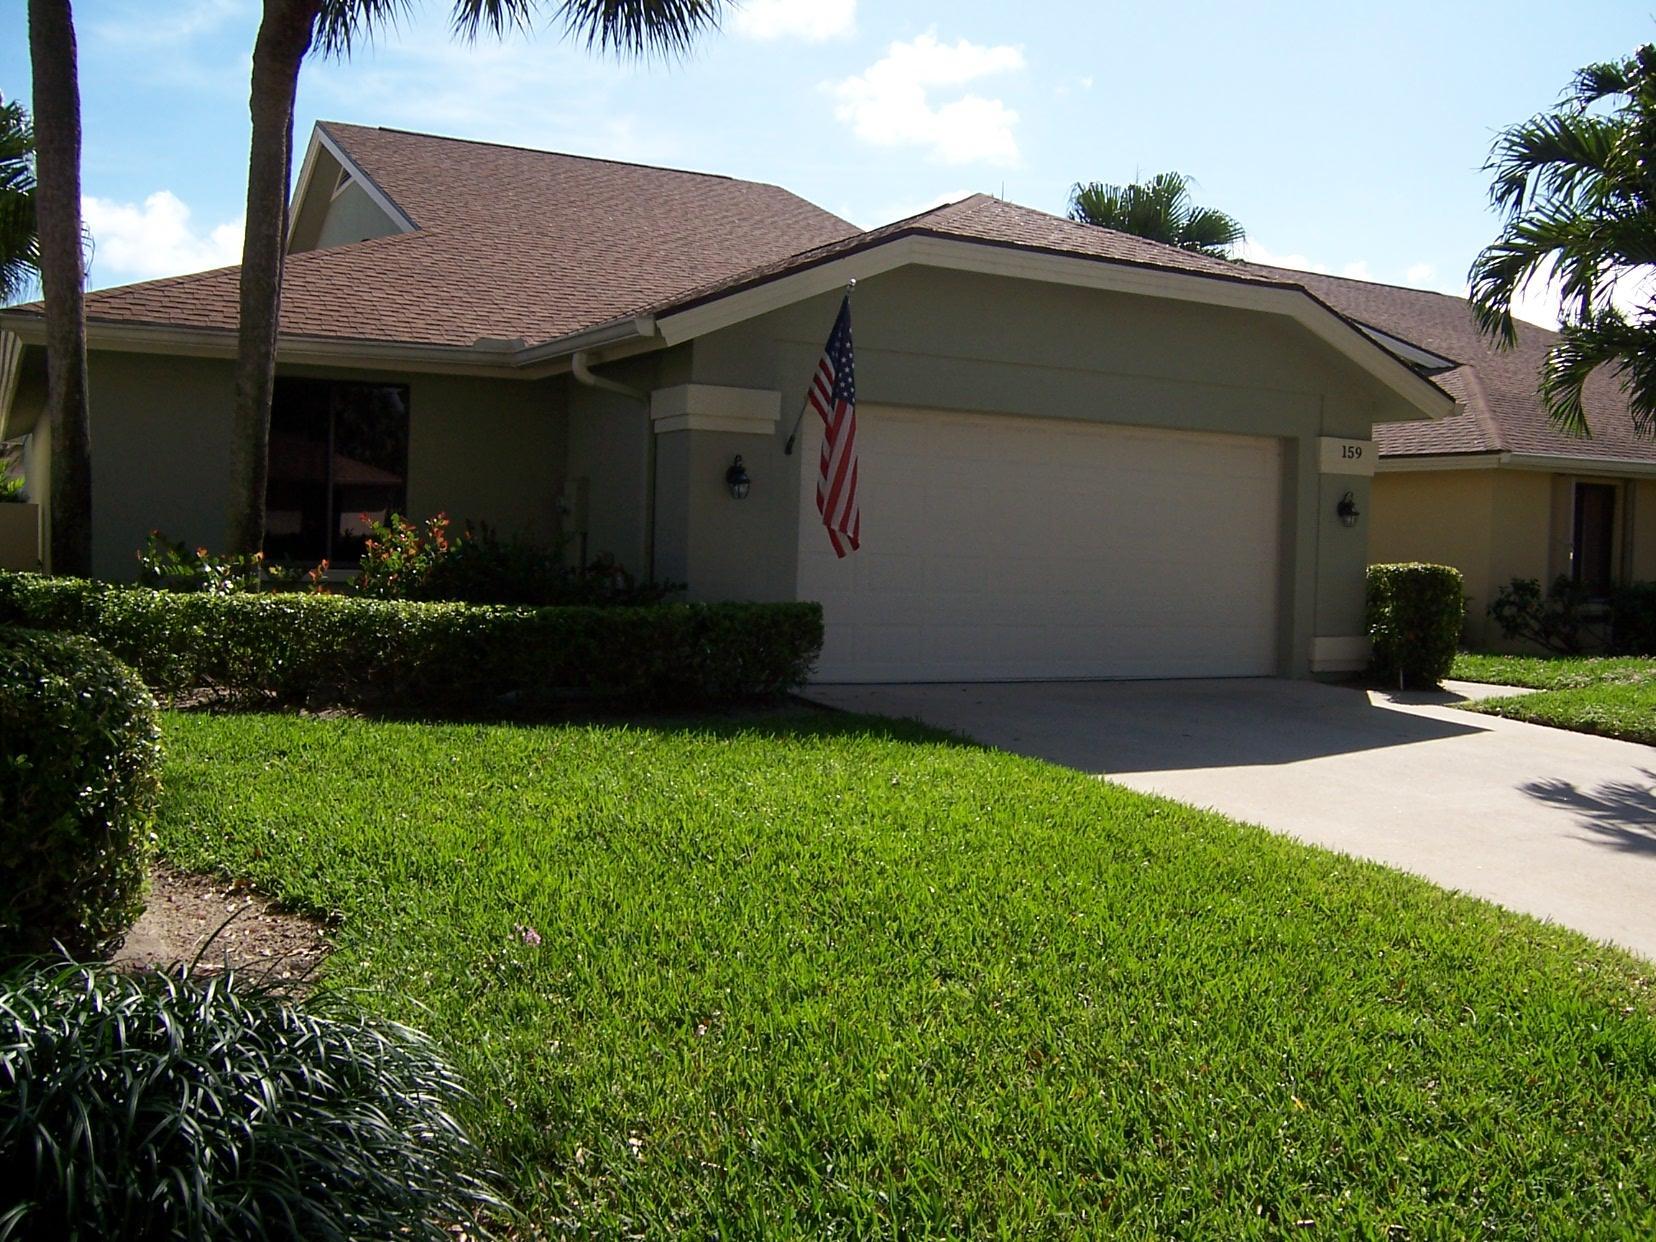 Photo of 159 Beach Summit Court, Jupiter, FL 33477